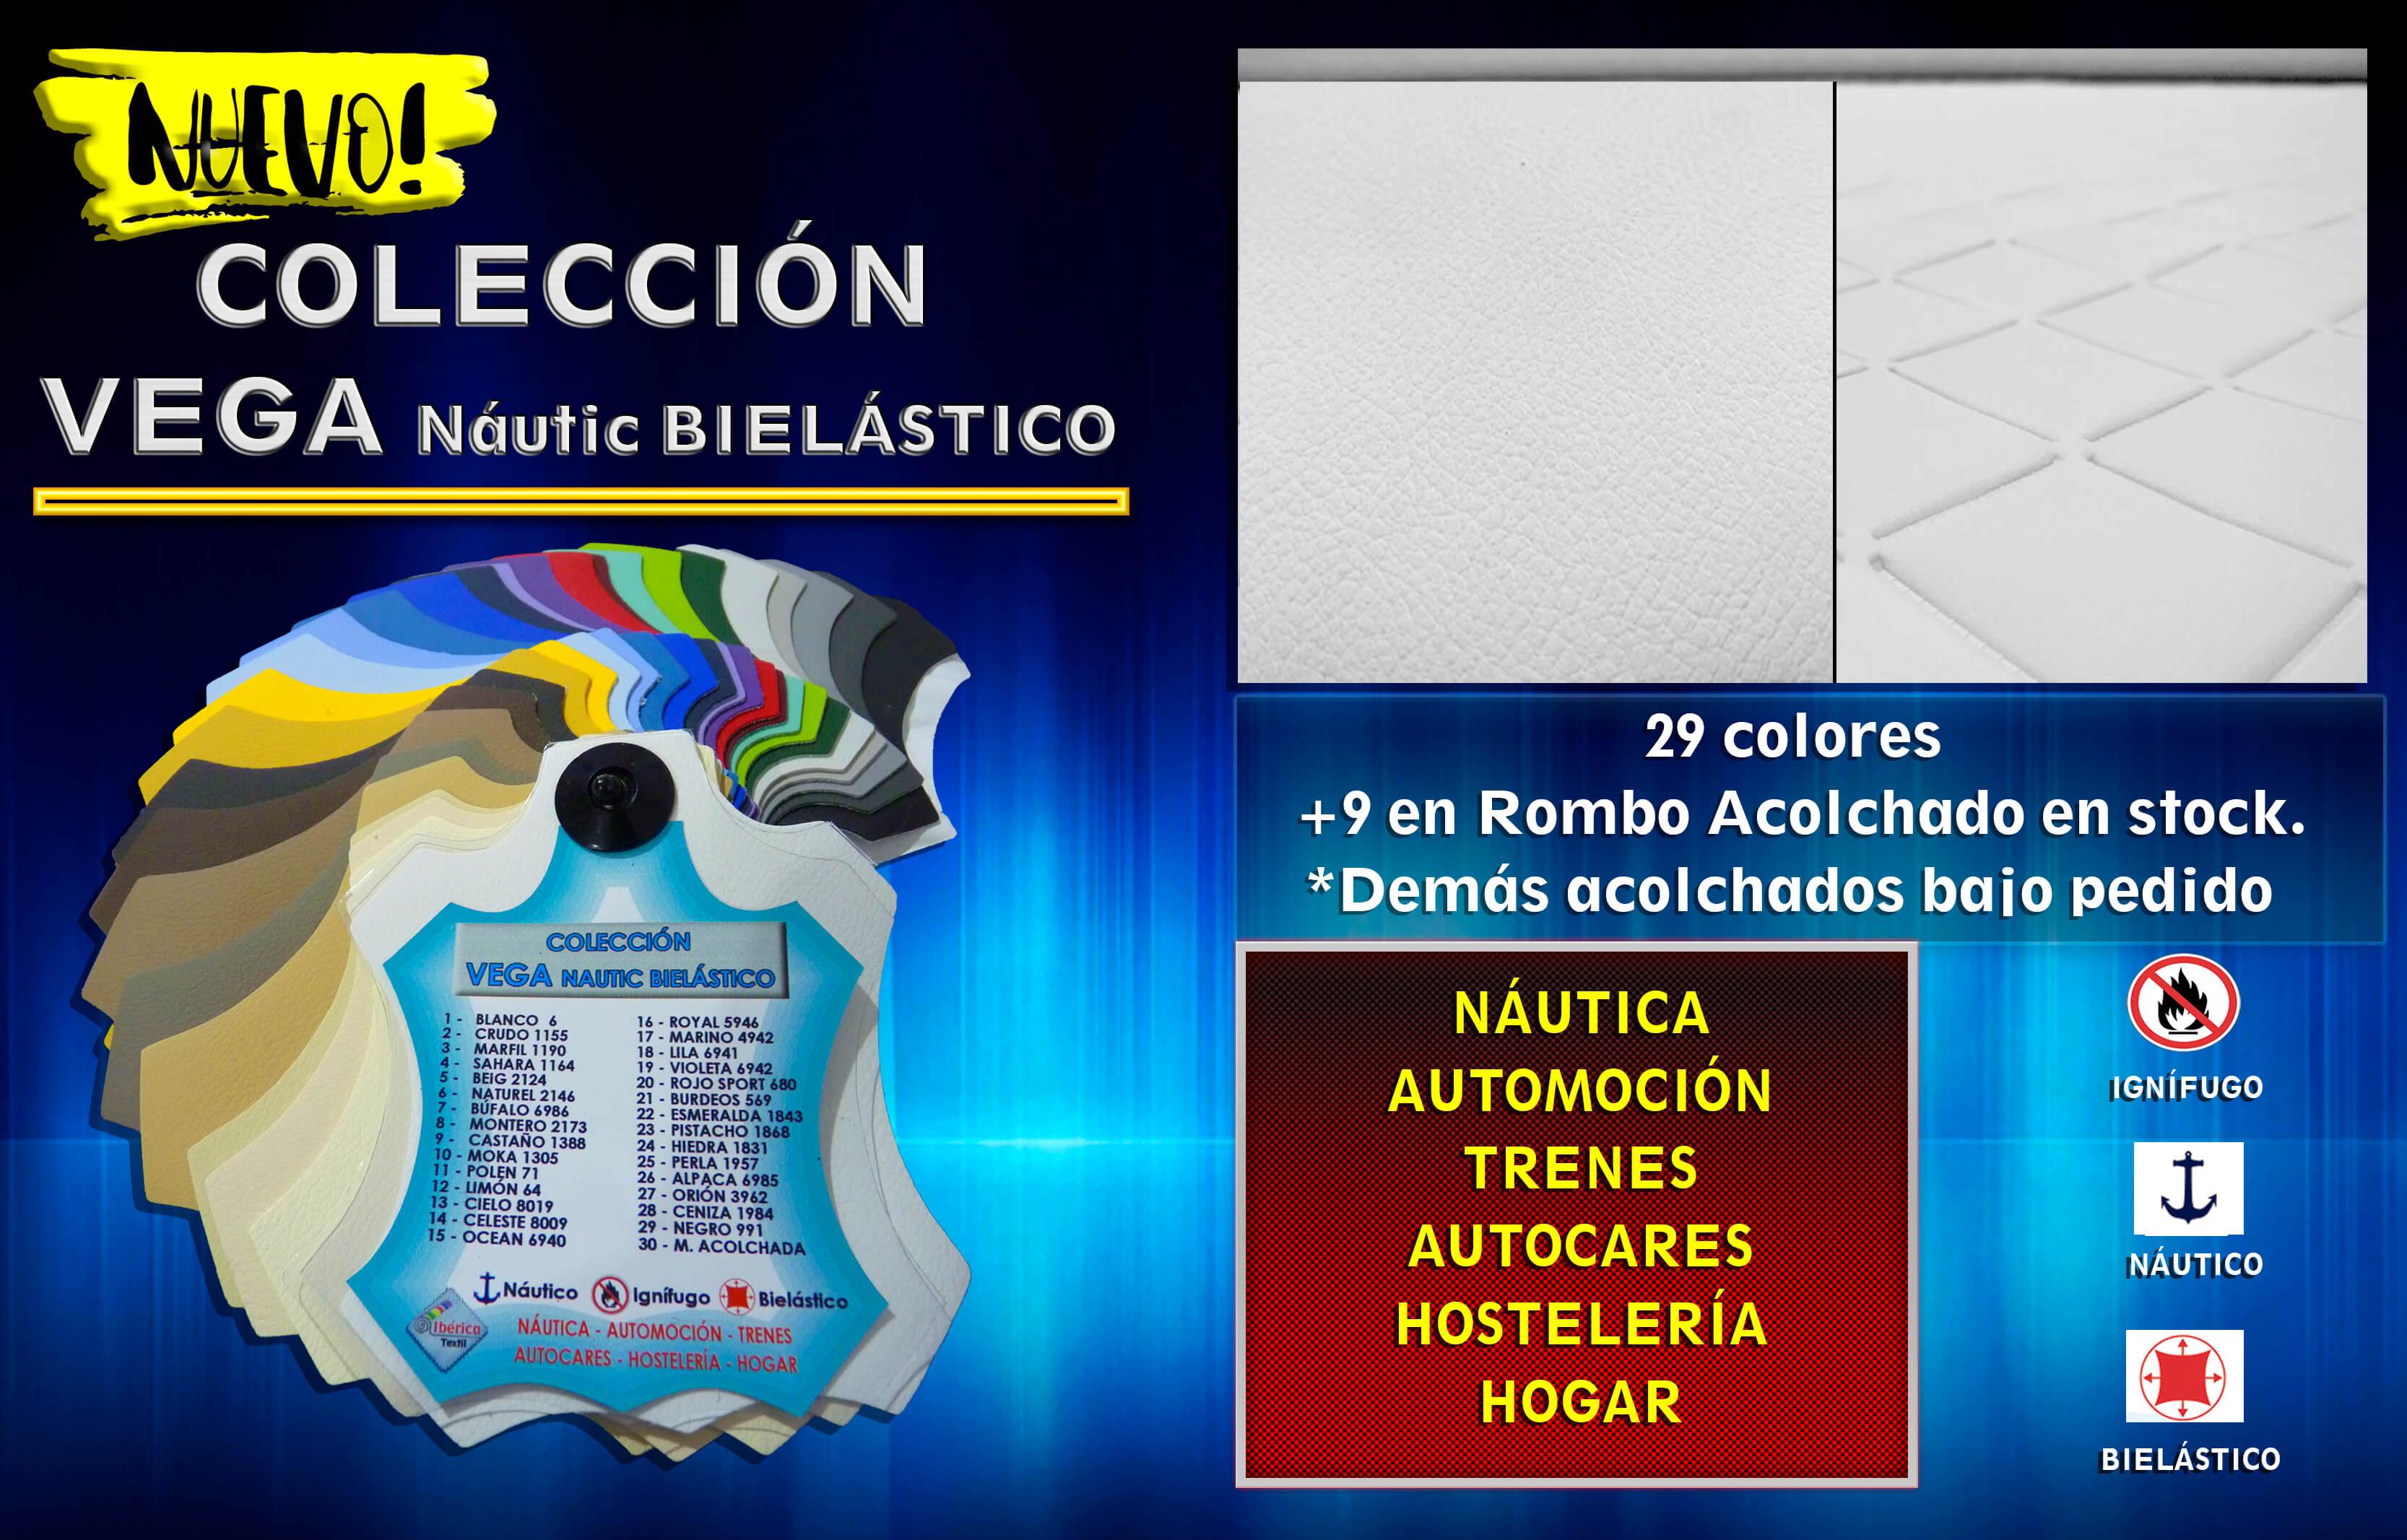 Iberica Textil. Tejidos de automoción, sintéticos, techos, moquetas, etc.